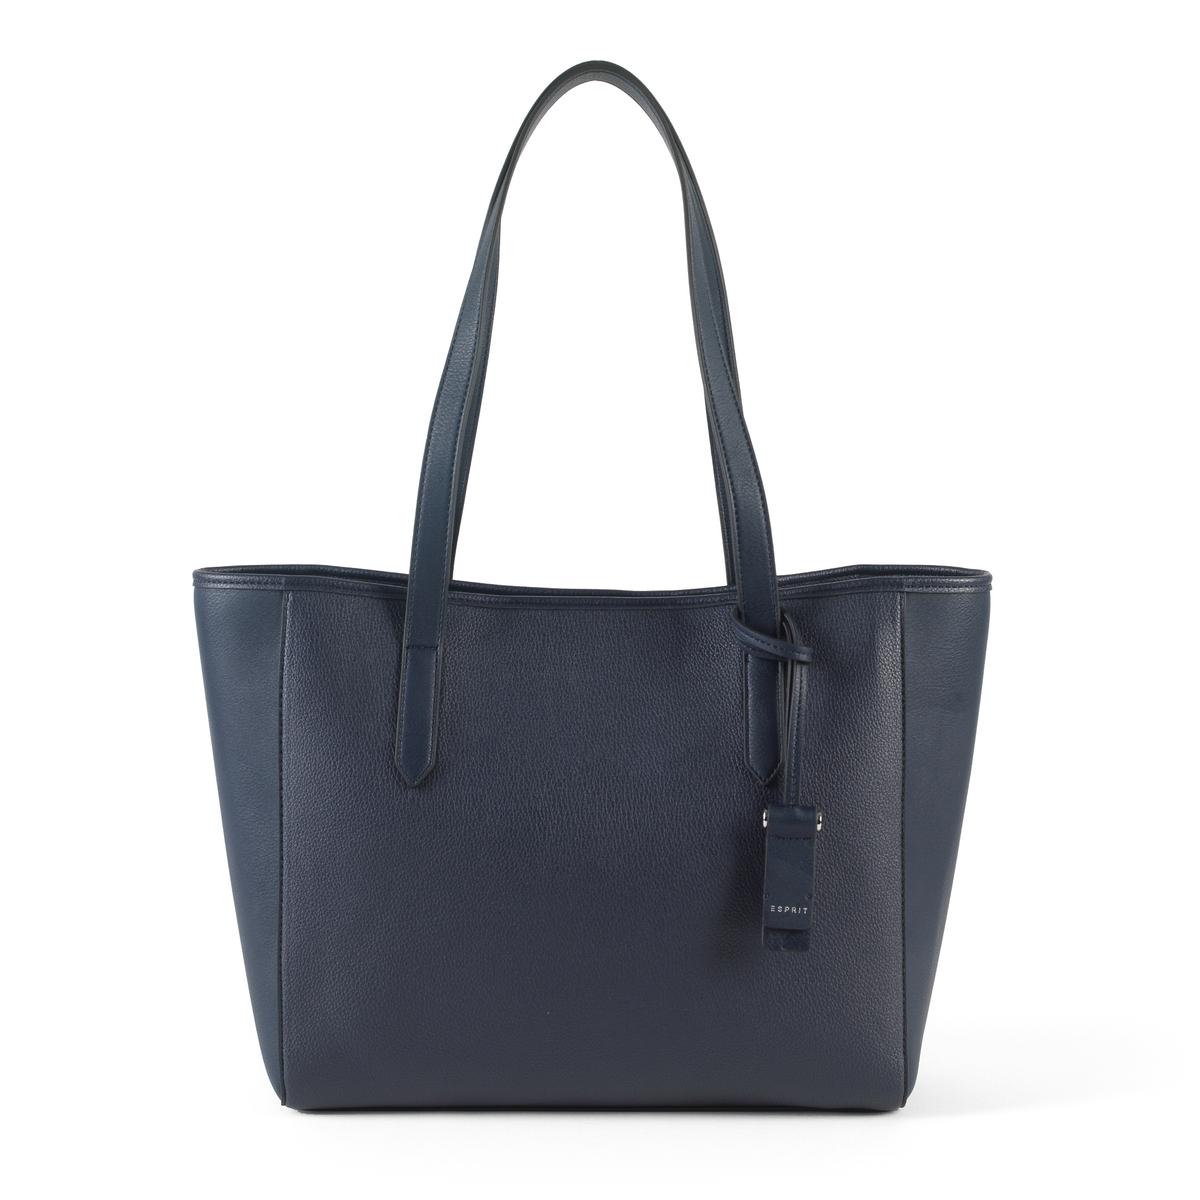 Сумка-шоппер TatumshПрактичная и стильная сумка-шоппер от Esprit : идеальна для походов по магазинам и прогулок по городу!Состав и описание : Материал : верх из полиуретана             подкладка из полиэстераМарка : EspritМодель : TatumshРазмеры : 30 x 30,5 x 14 смЗастежка : на клипсу<br><br>Цвет: синий морской,черный